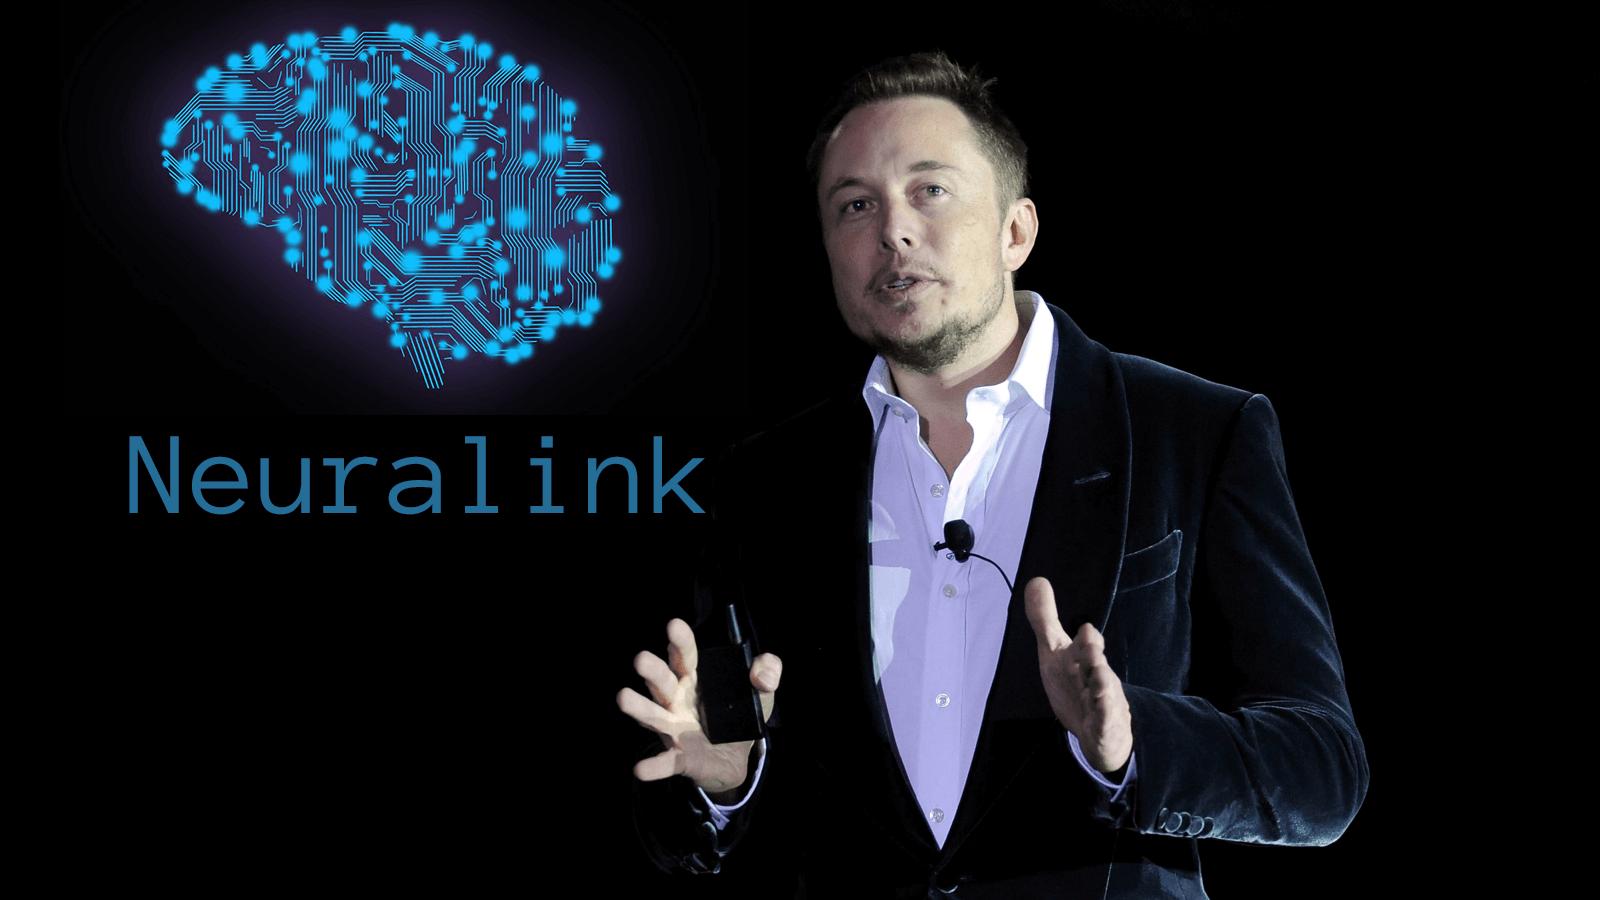 Avec Neuralink, vous pourrez contrôler vos machines via votre cerveau